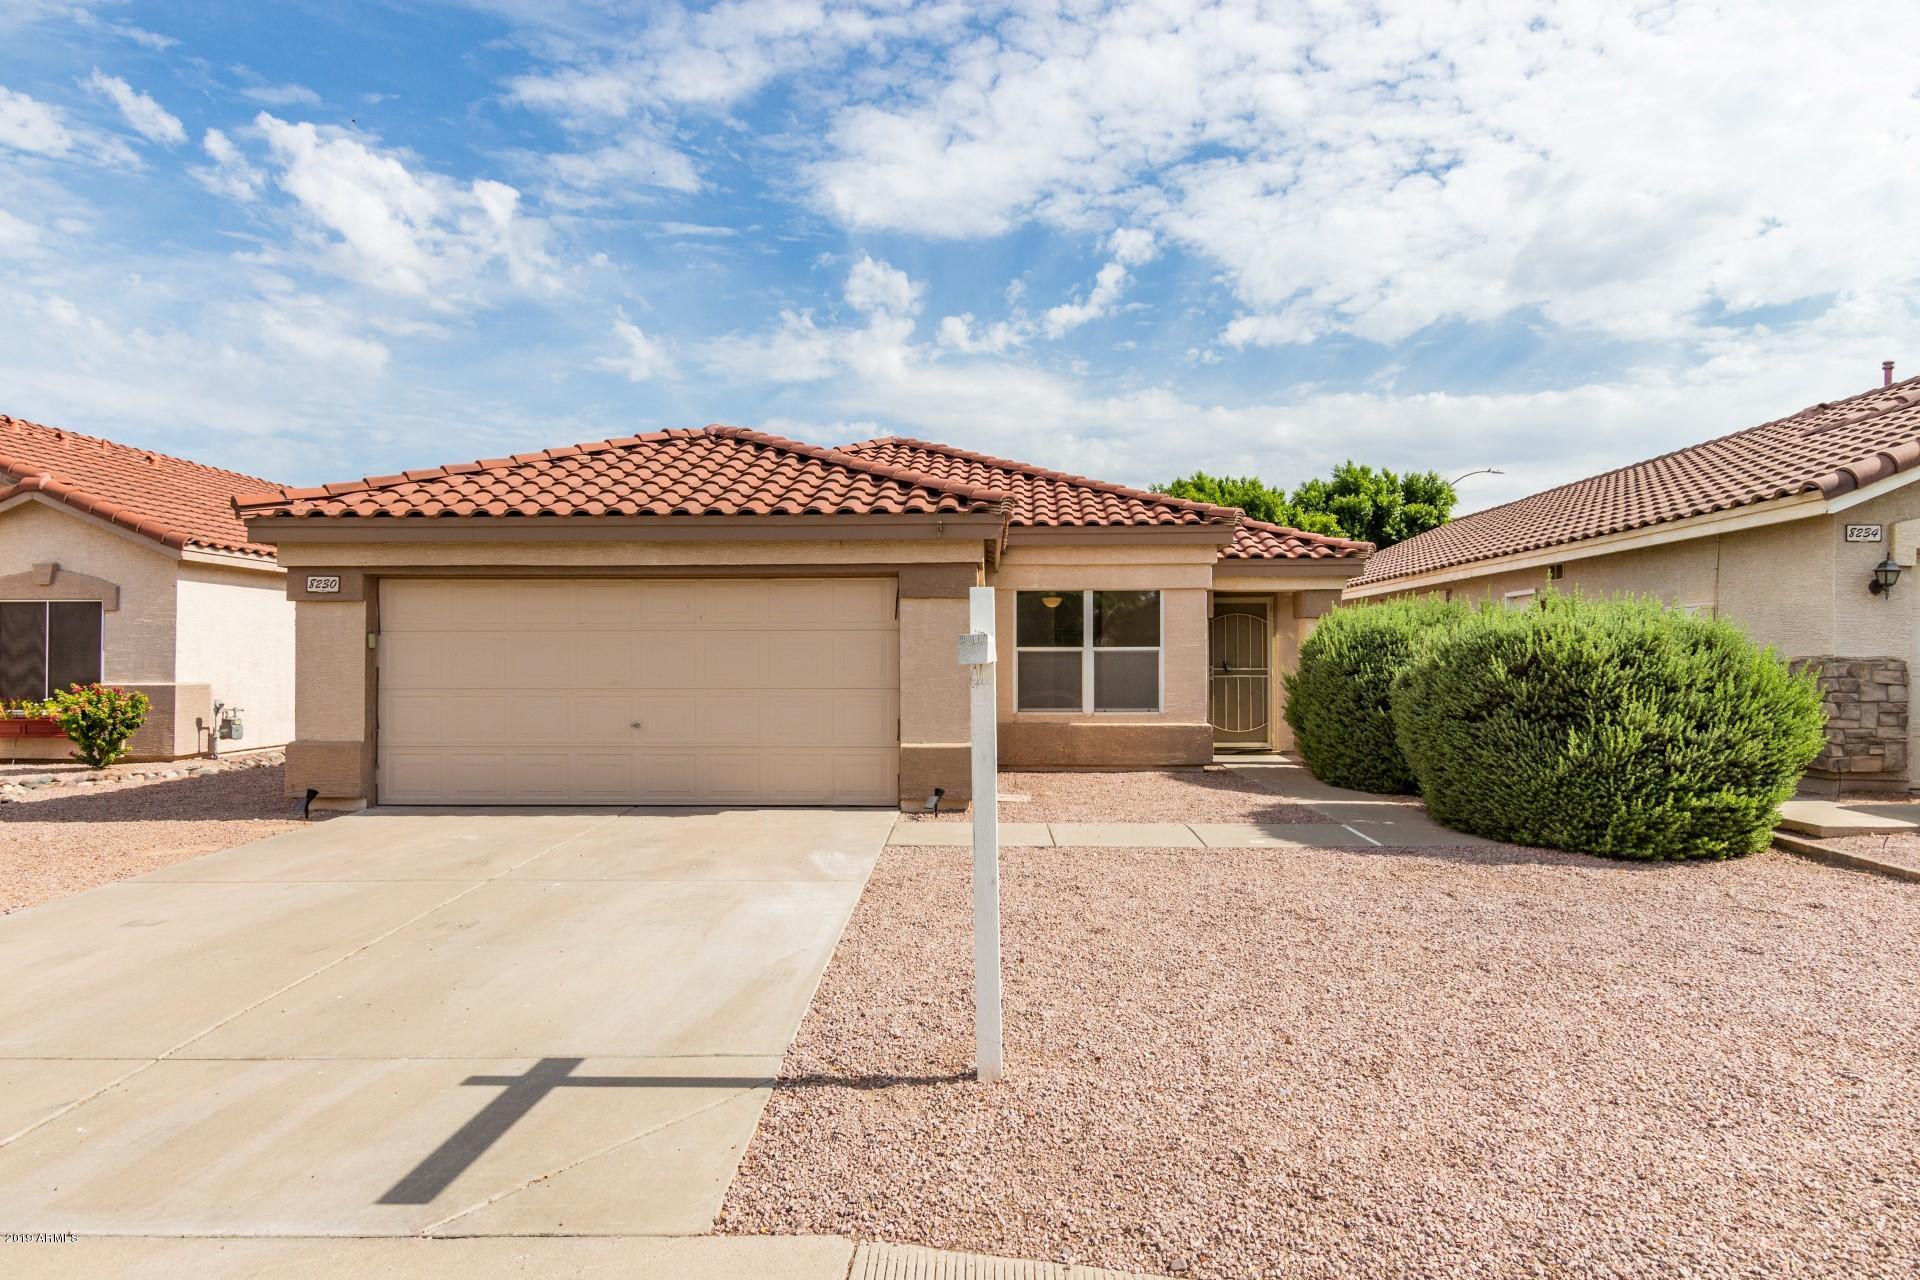 Photo of 8230 E OSAGE Avenue, Mesa, AZ 85212